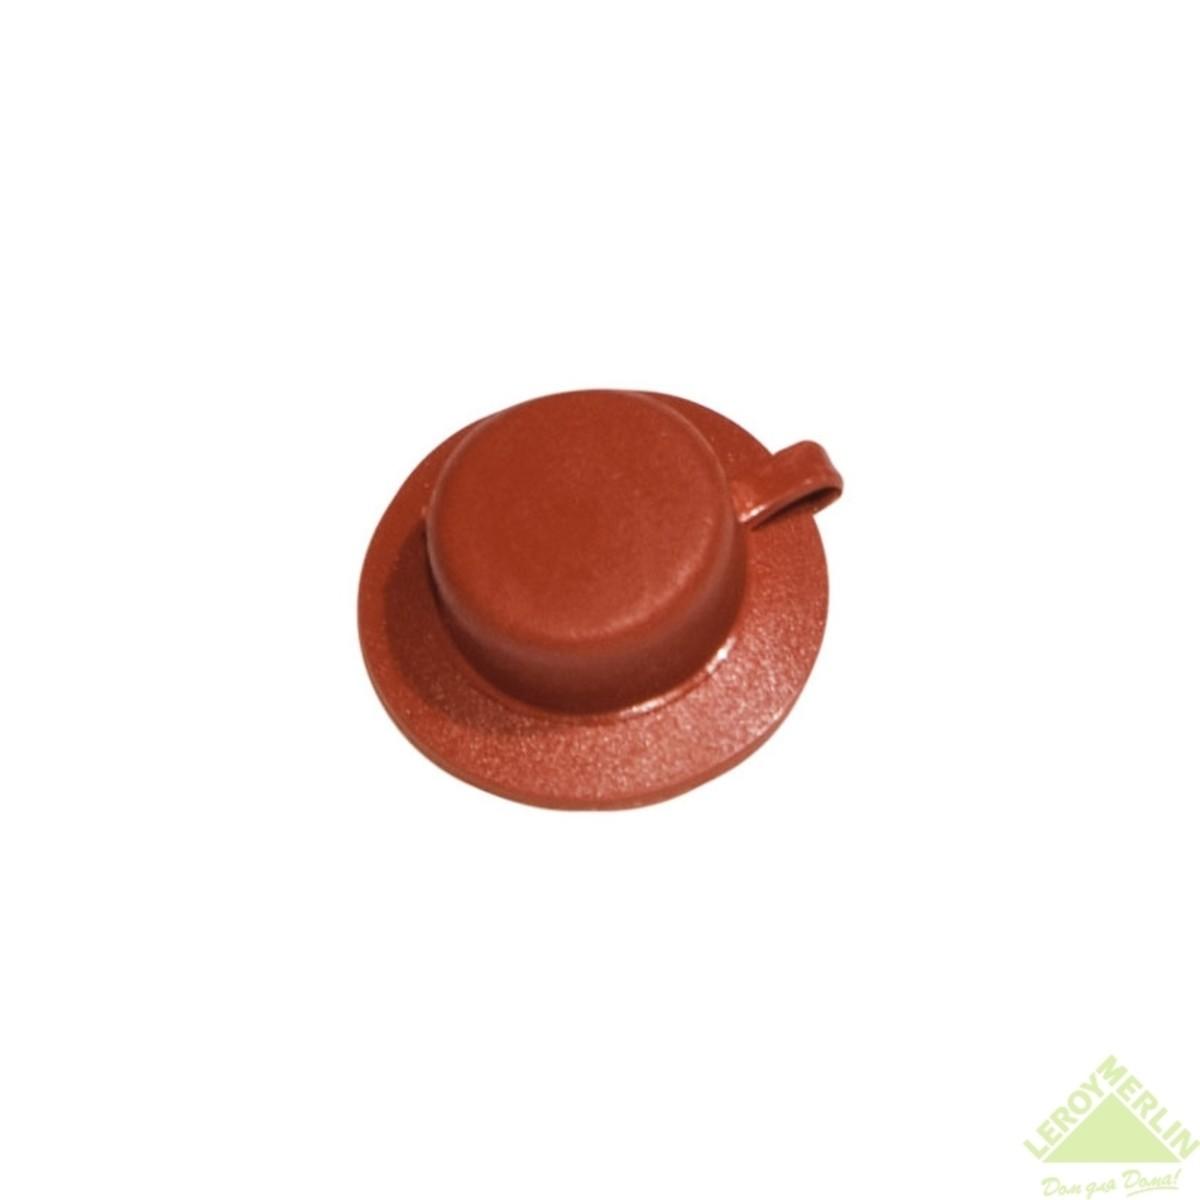 Колпачки защитные Керамопласт цвет терракотовый 100 шт.